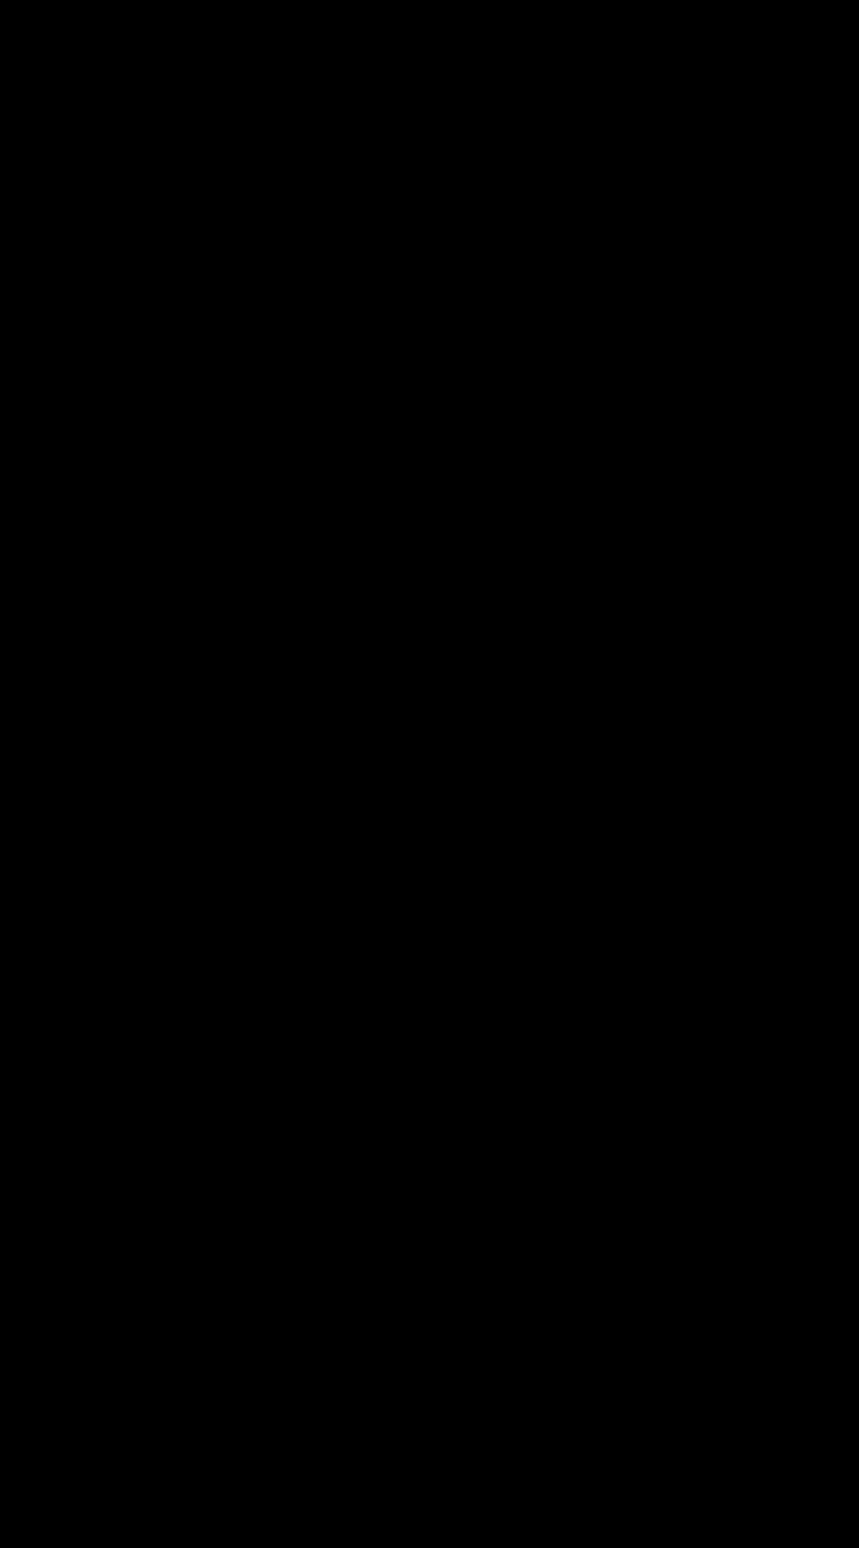 5dd0a1356cf6e1 Hier befindet sich jemand dicht über dem Ereignishorizont (gekennzeichnet  mit Skript-H-plus) bei konstantem Wert von r (mag aber das SL dabei  umkreisen